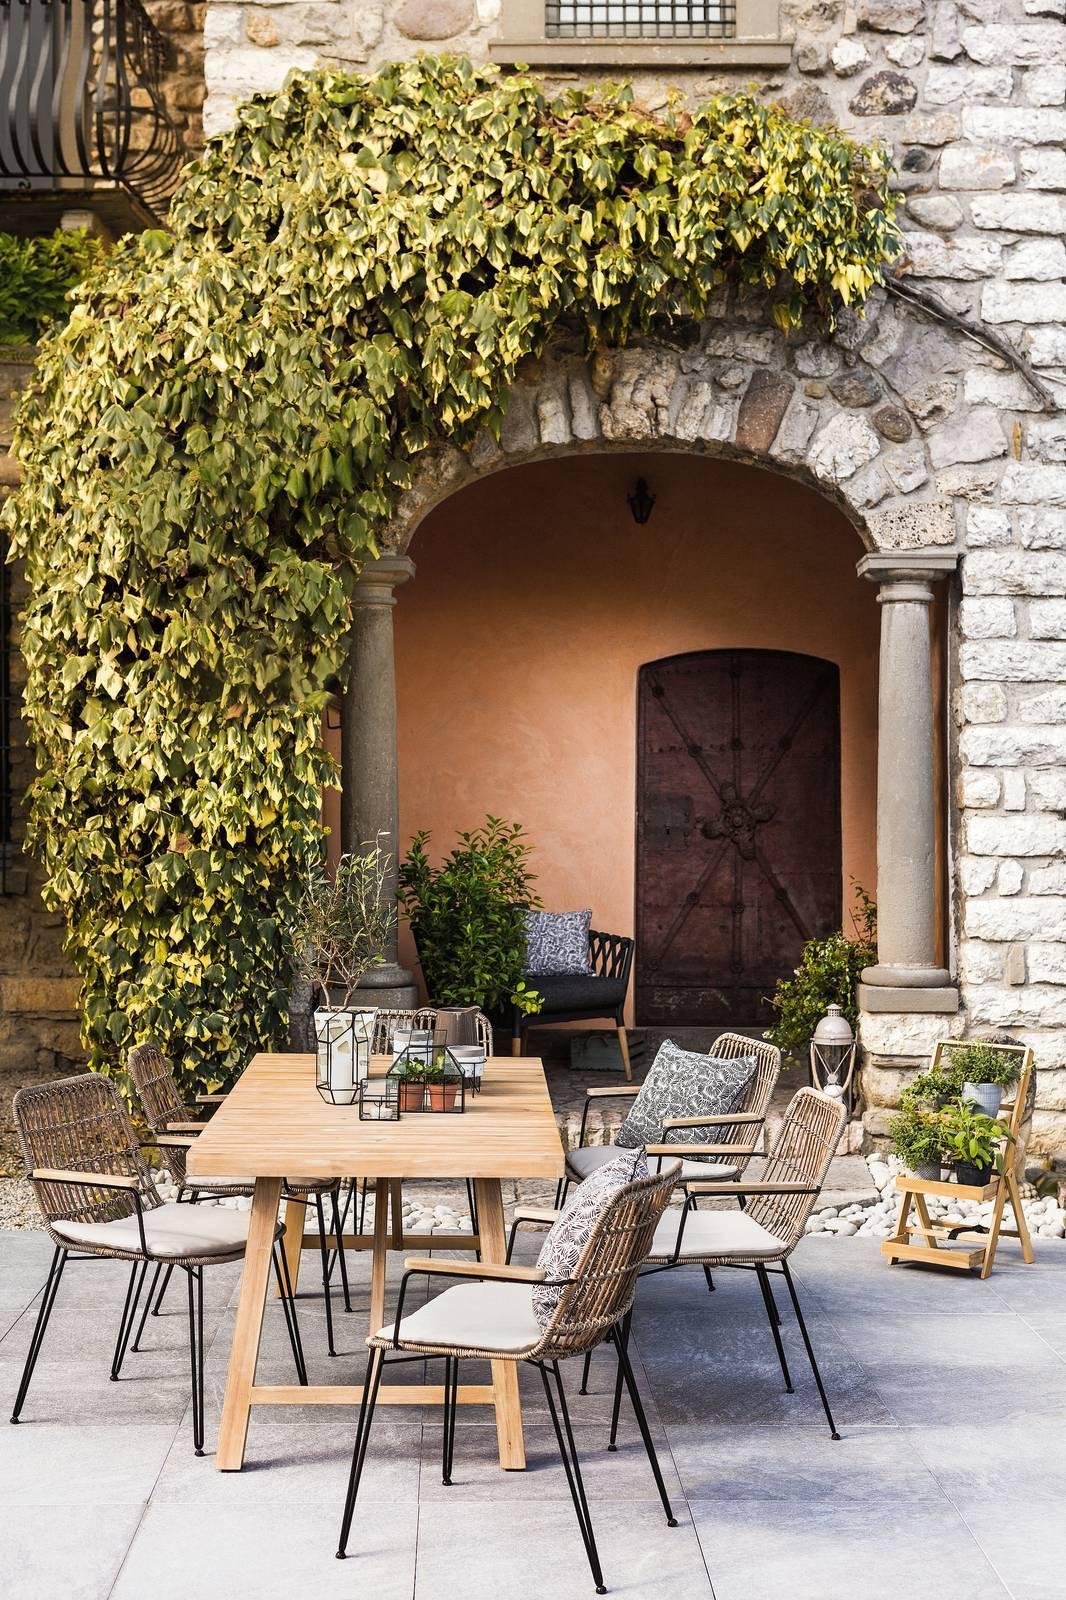 Tavoli Da Giardino In Legno Obi.Arredi In E Out Speciale Mobili E Complementi Per Esterni Belli